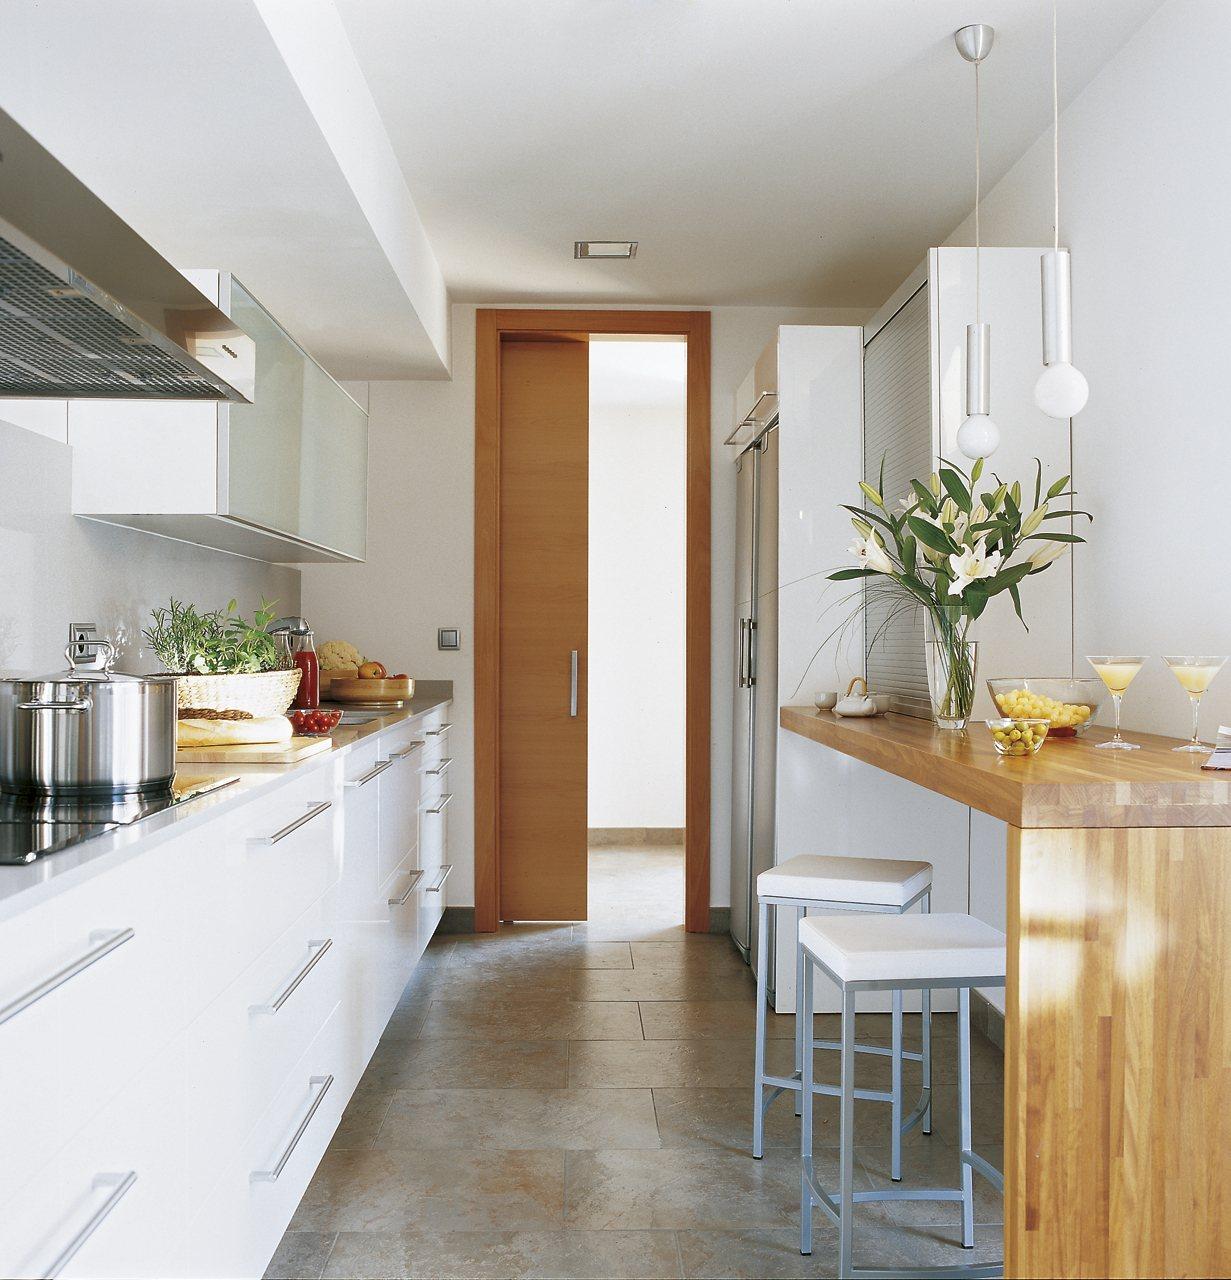 Muebles Economicos De Cocina | 15 Cocinas Bonitas Y Económicas Que ...